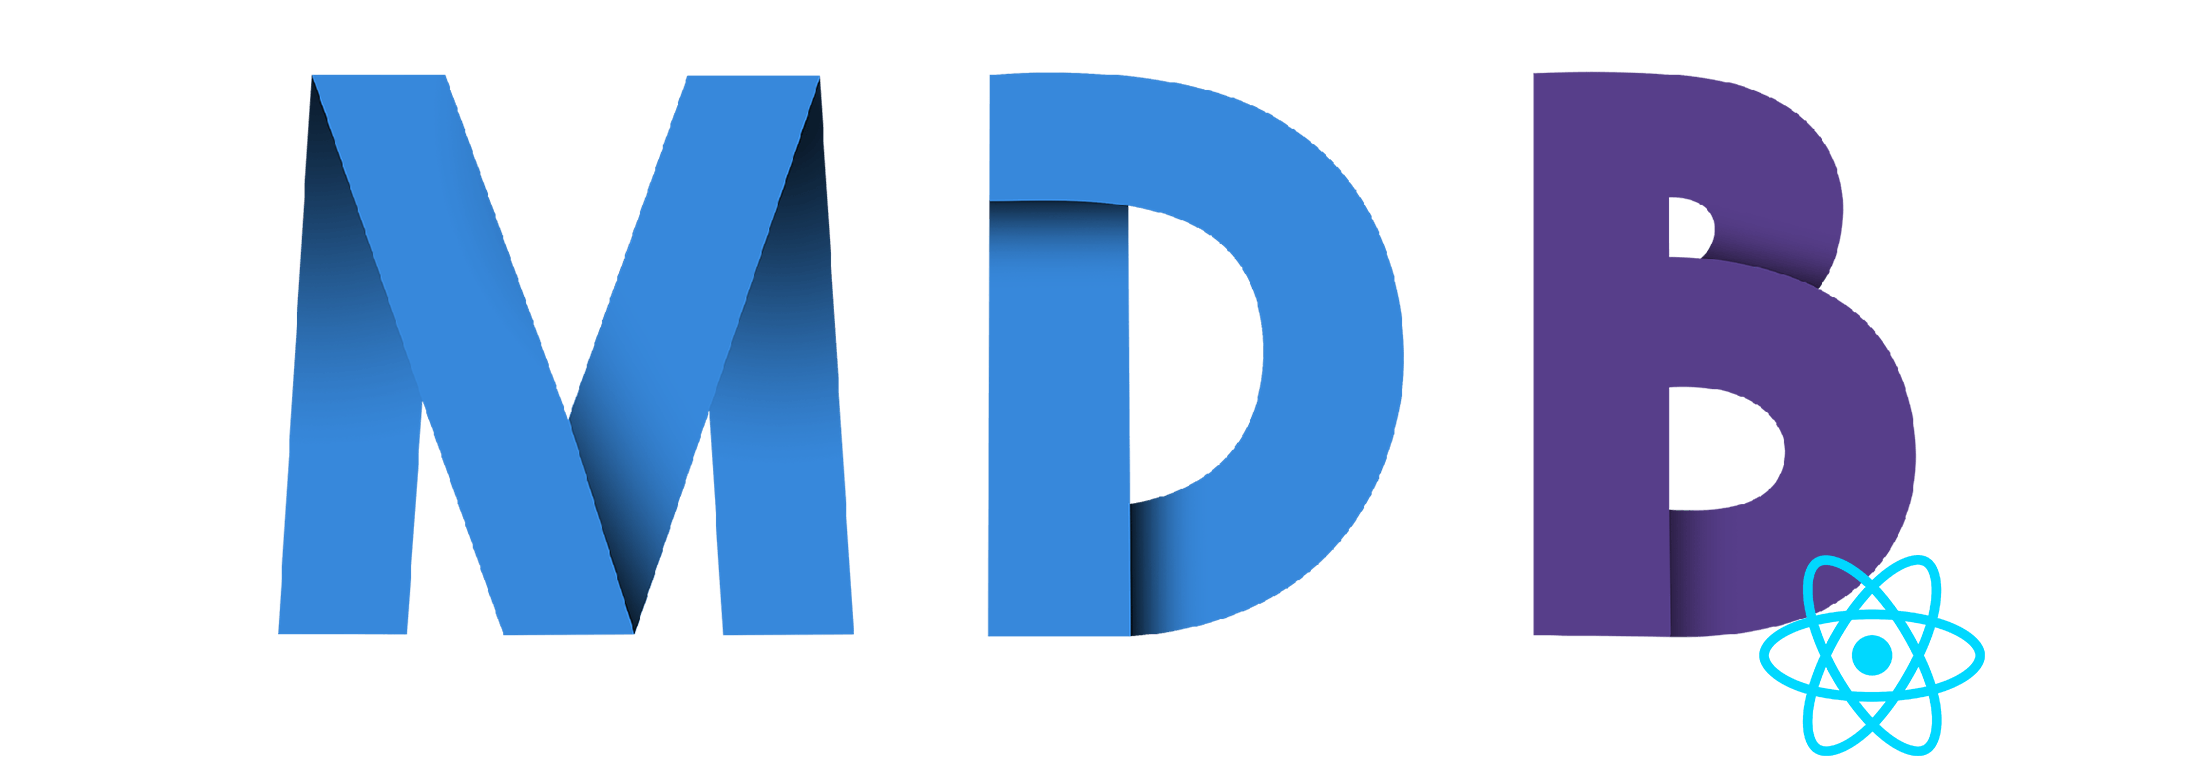 mdbreact - npm